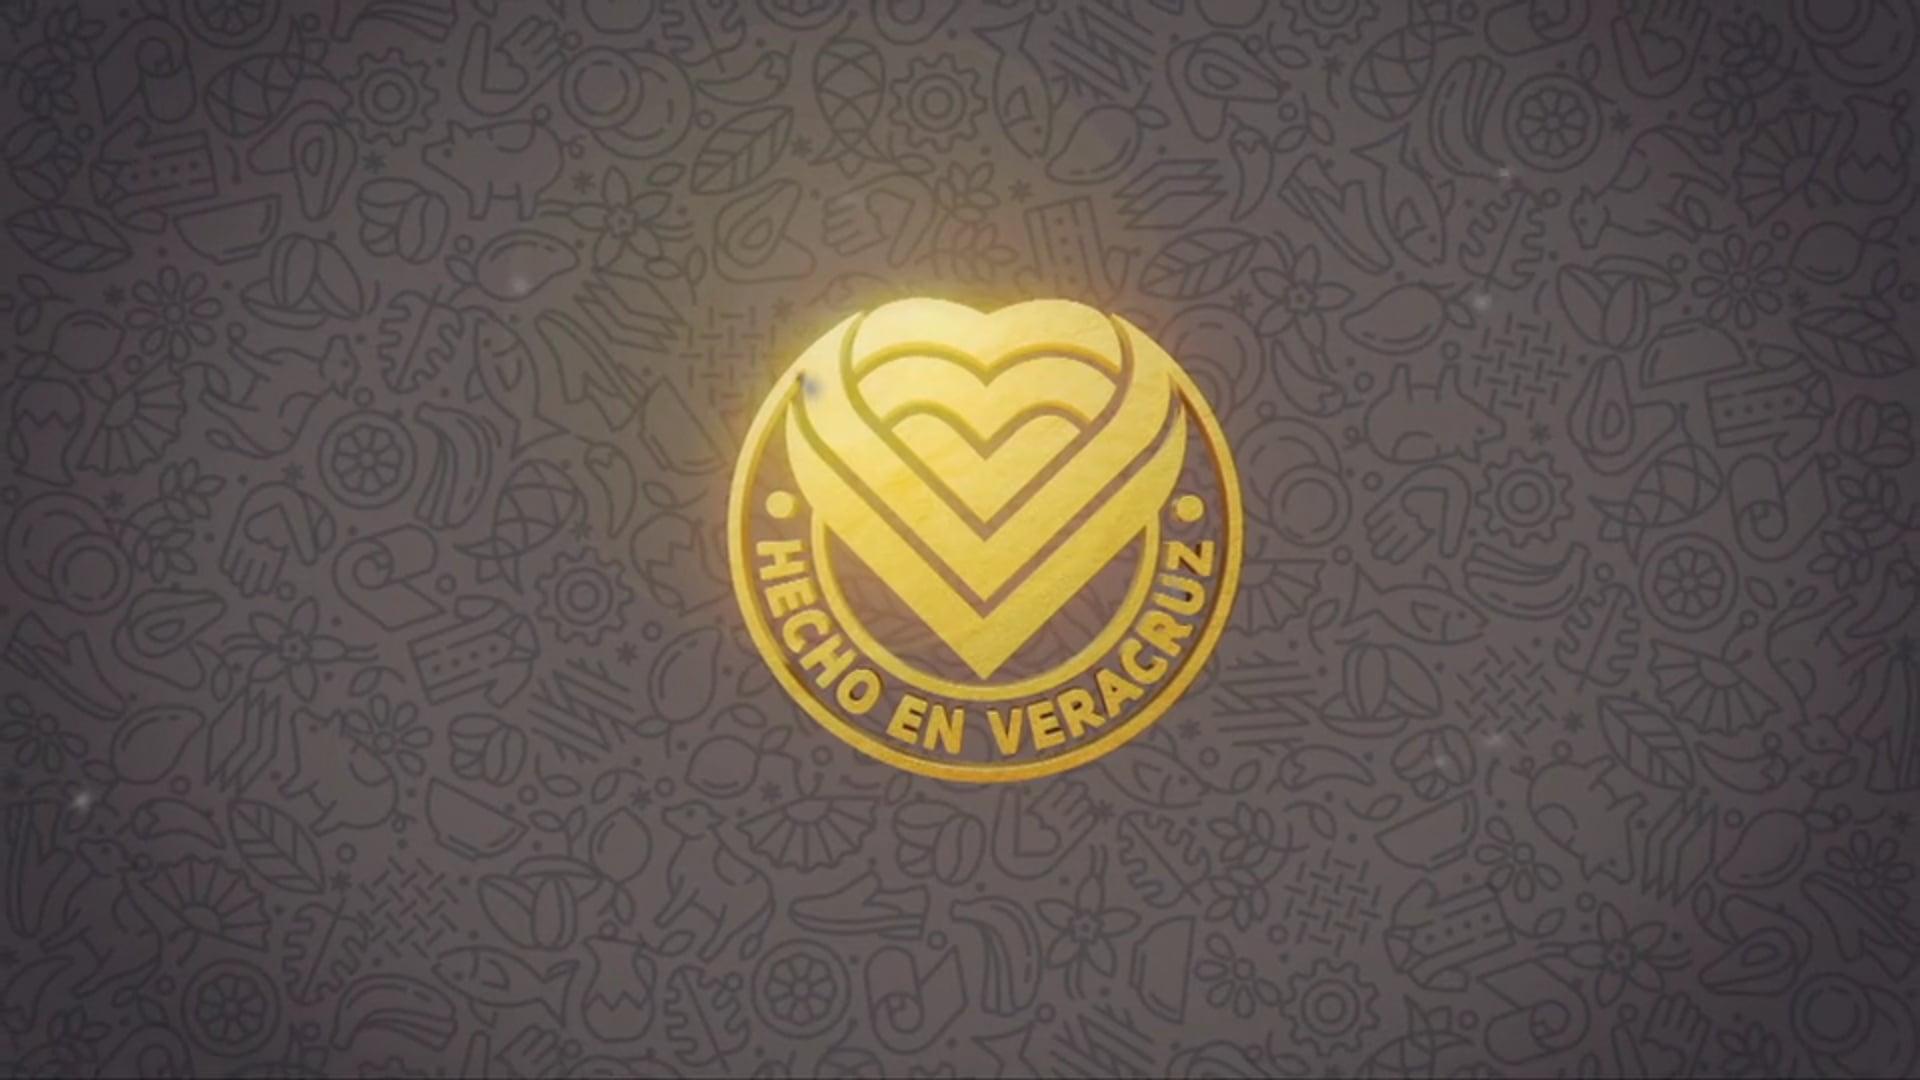 Hecho en Veracruz